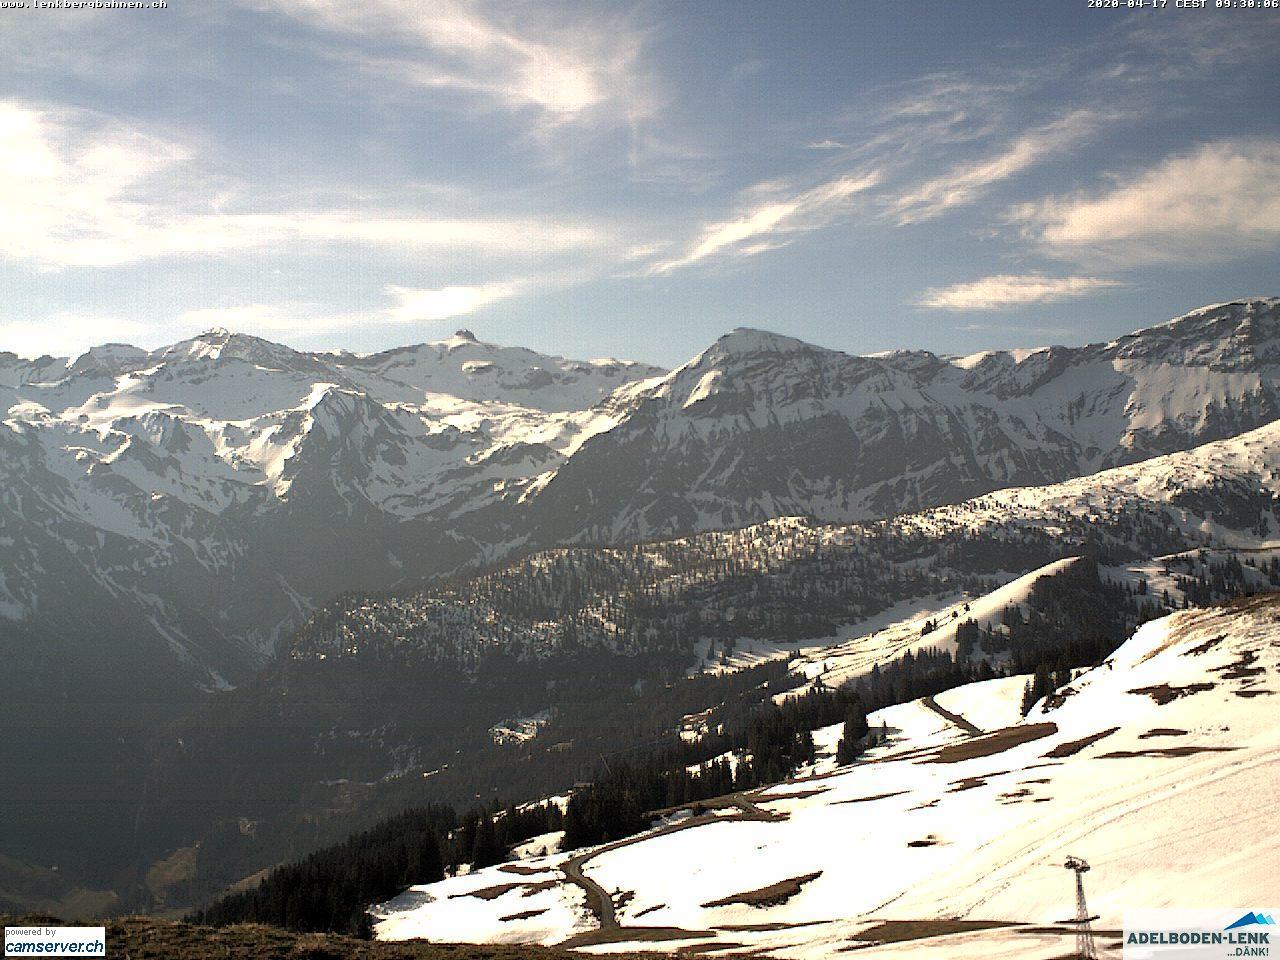 Webcams de Adelboden - Lenk (Suiza)